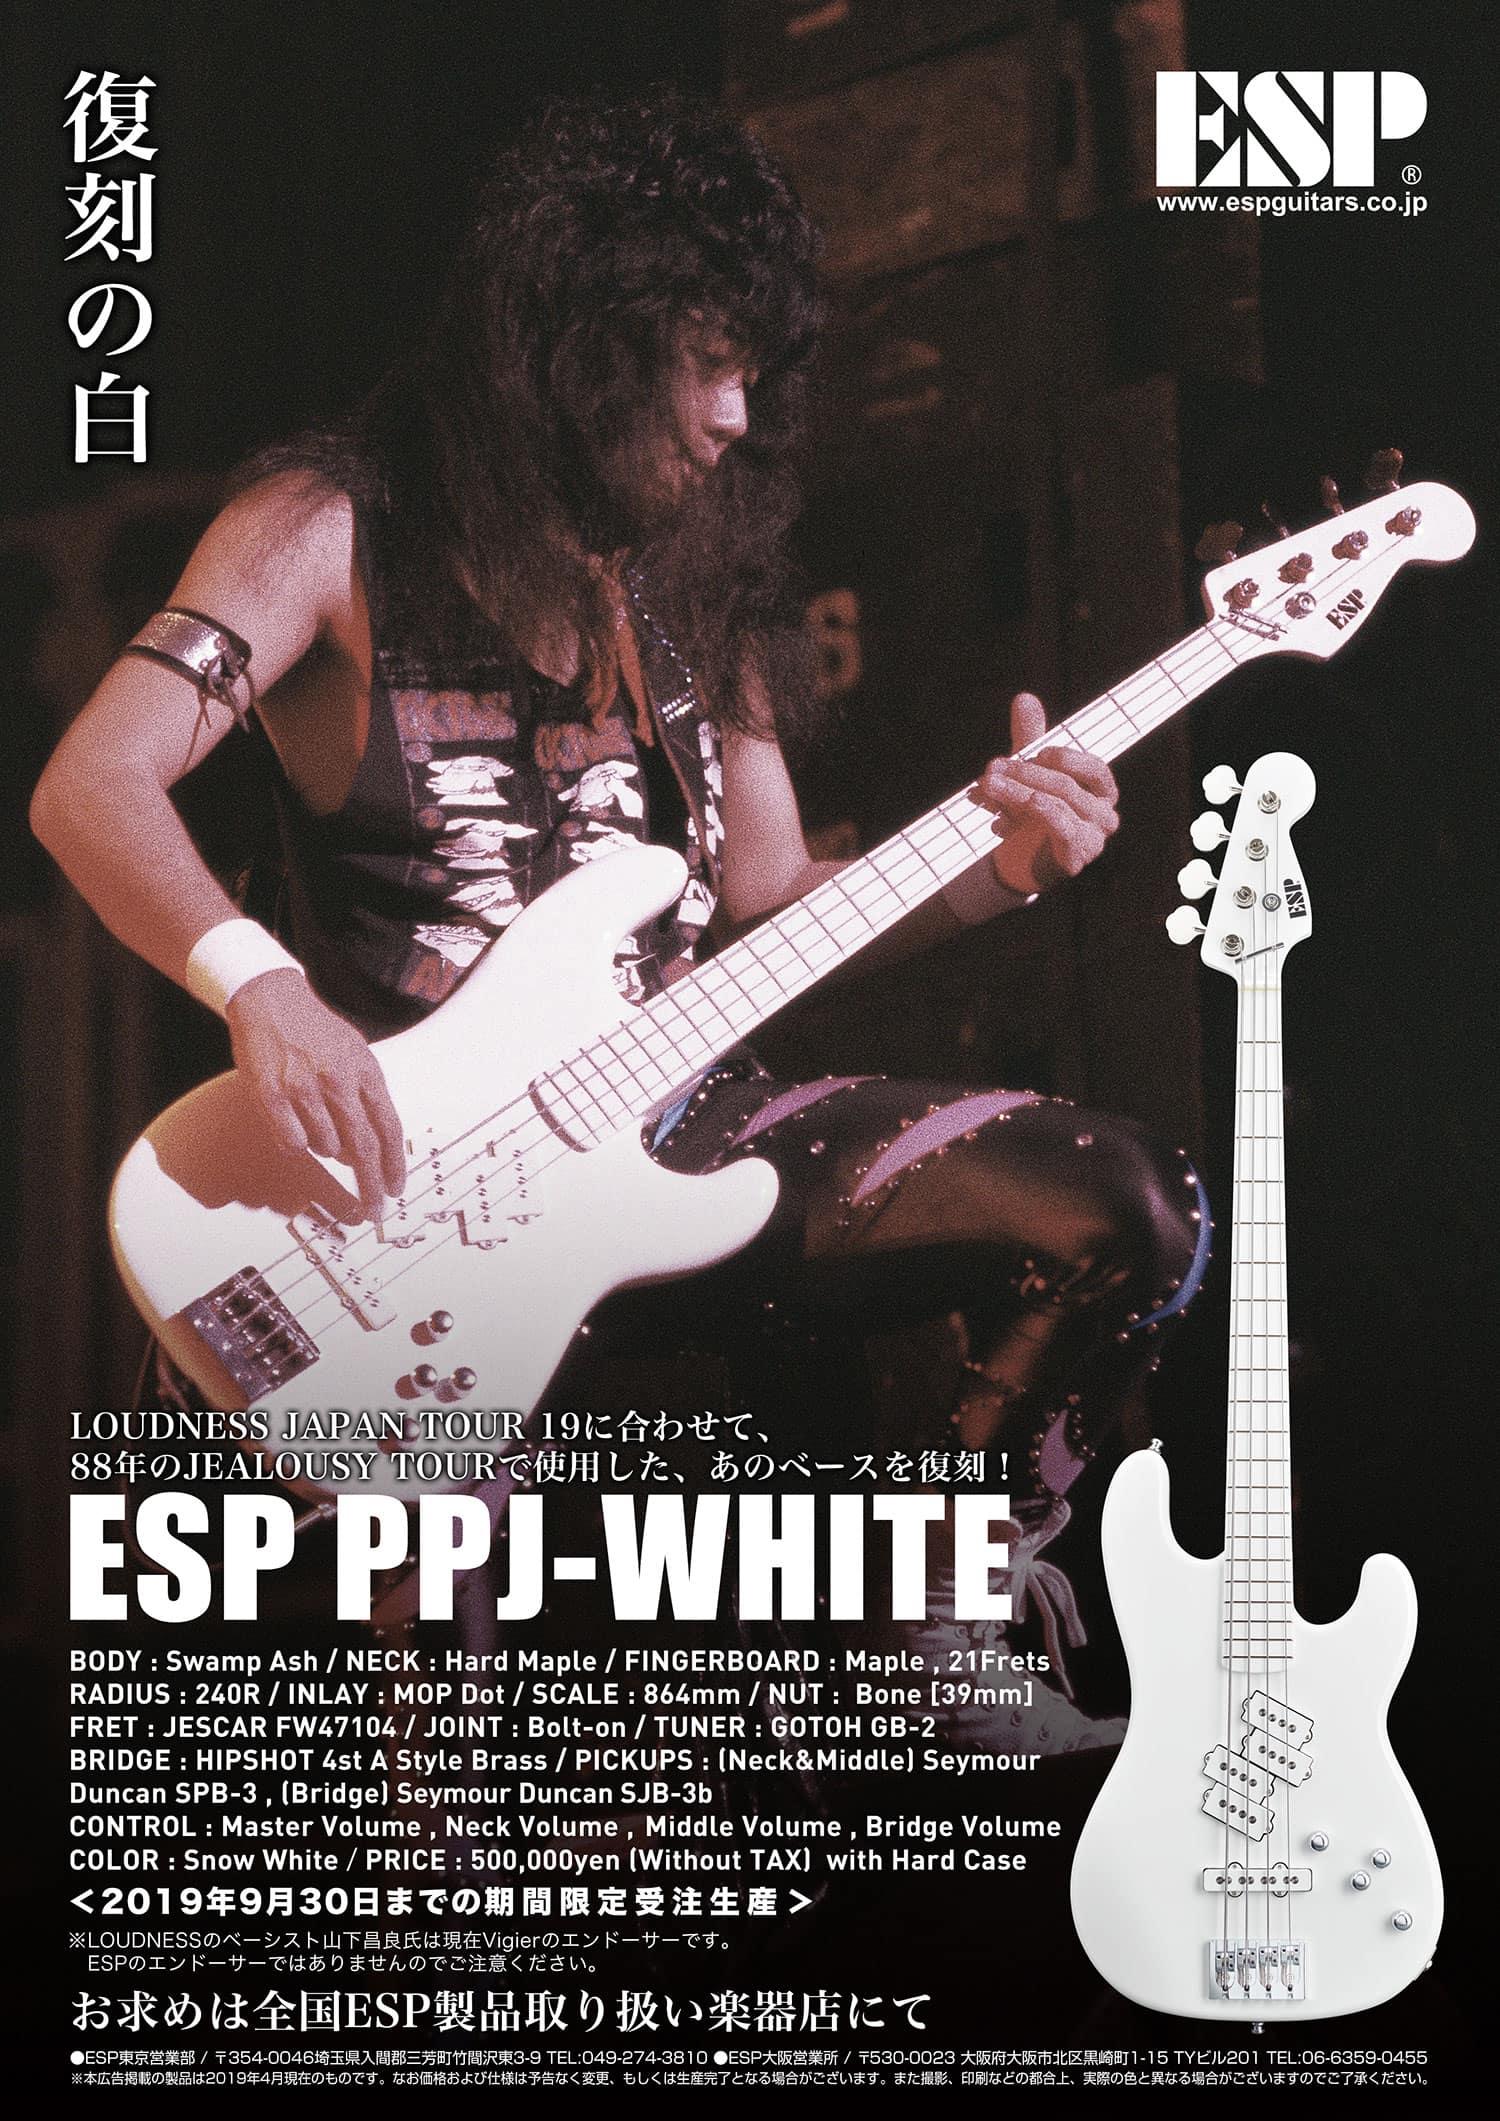 ESP PPJ-WHITE